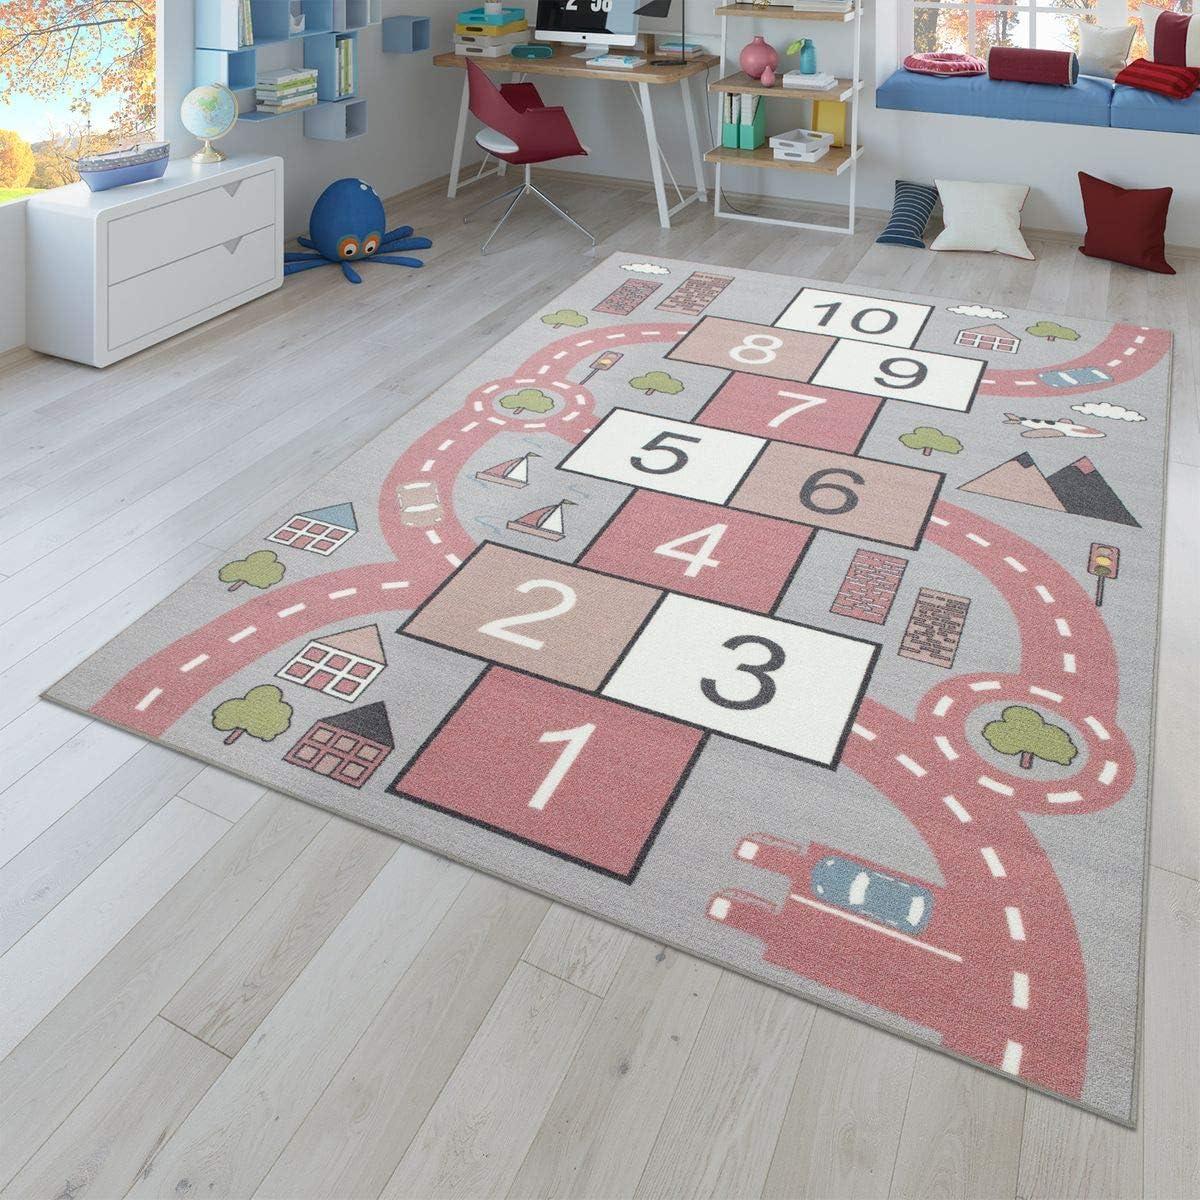 Größe 80x150 Cm Rosa Spielteppich Für Kinderzimmer Straßen Look Hüpfkästchen Tt Home Kinder Teppich